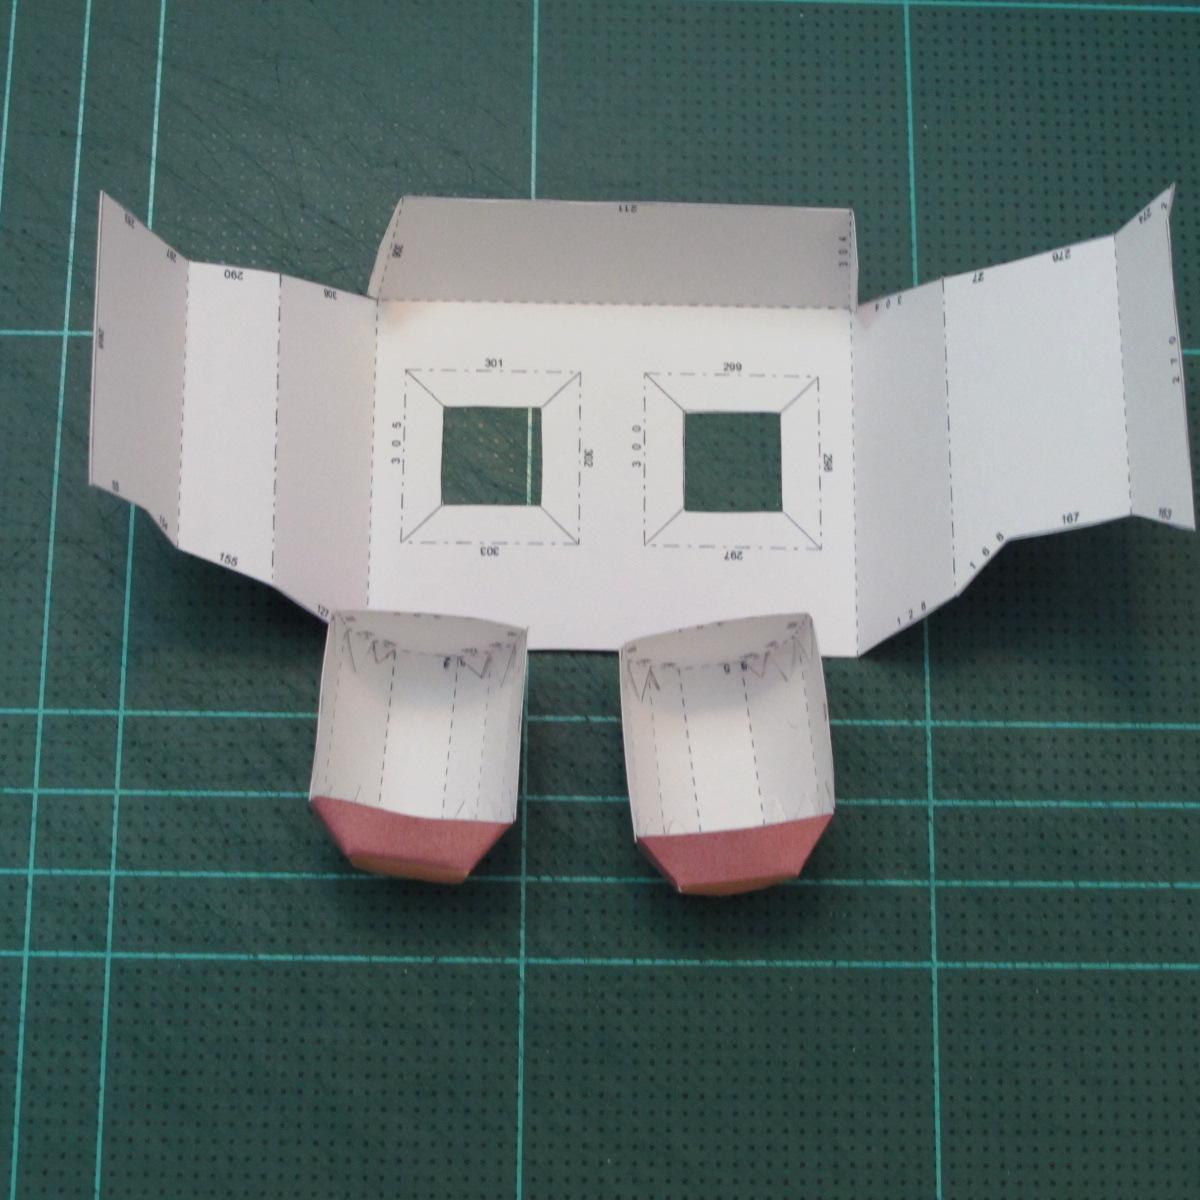 วิธีทำโมเดลกระดาษตุ้กตาคุกกี้รัน คุกกี้รสสตอเบอรี่ (LINE Cookie Run Strawberry Cookie Papercraft Model) 024